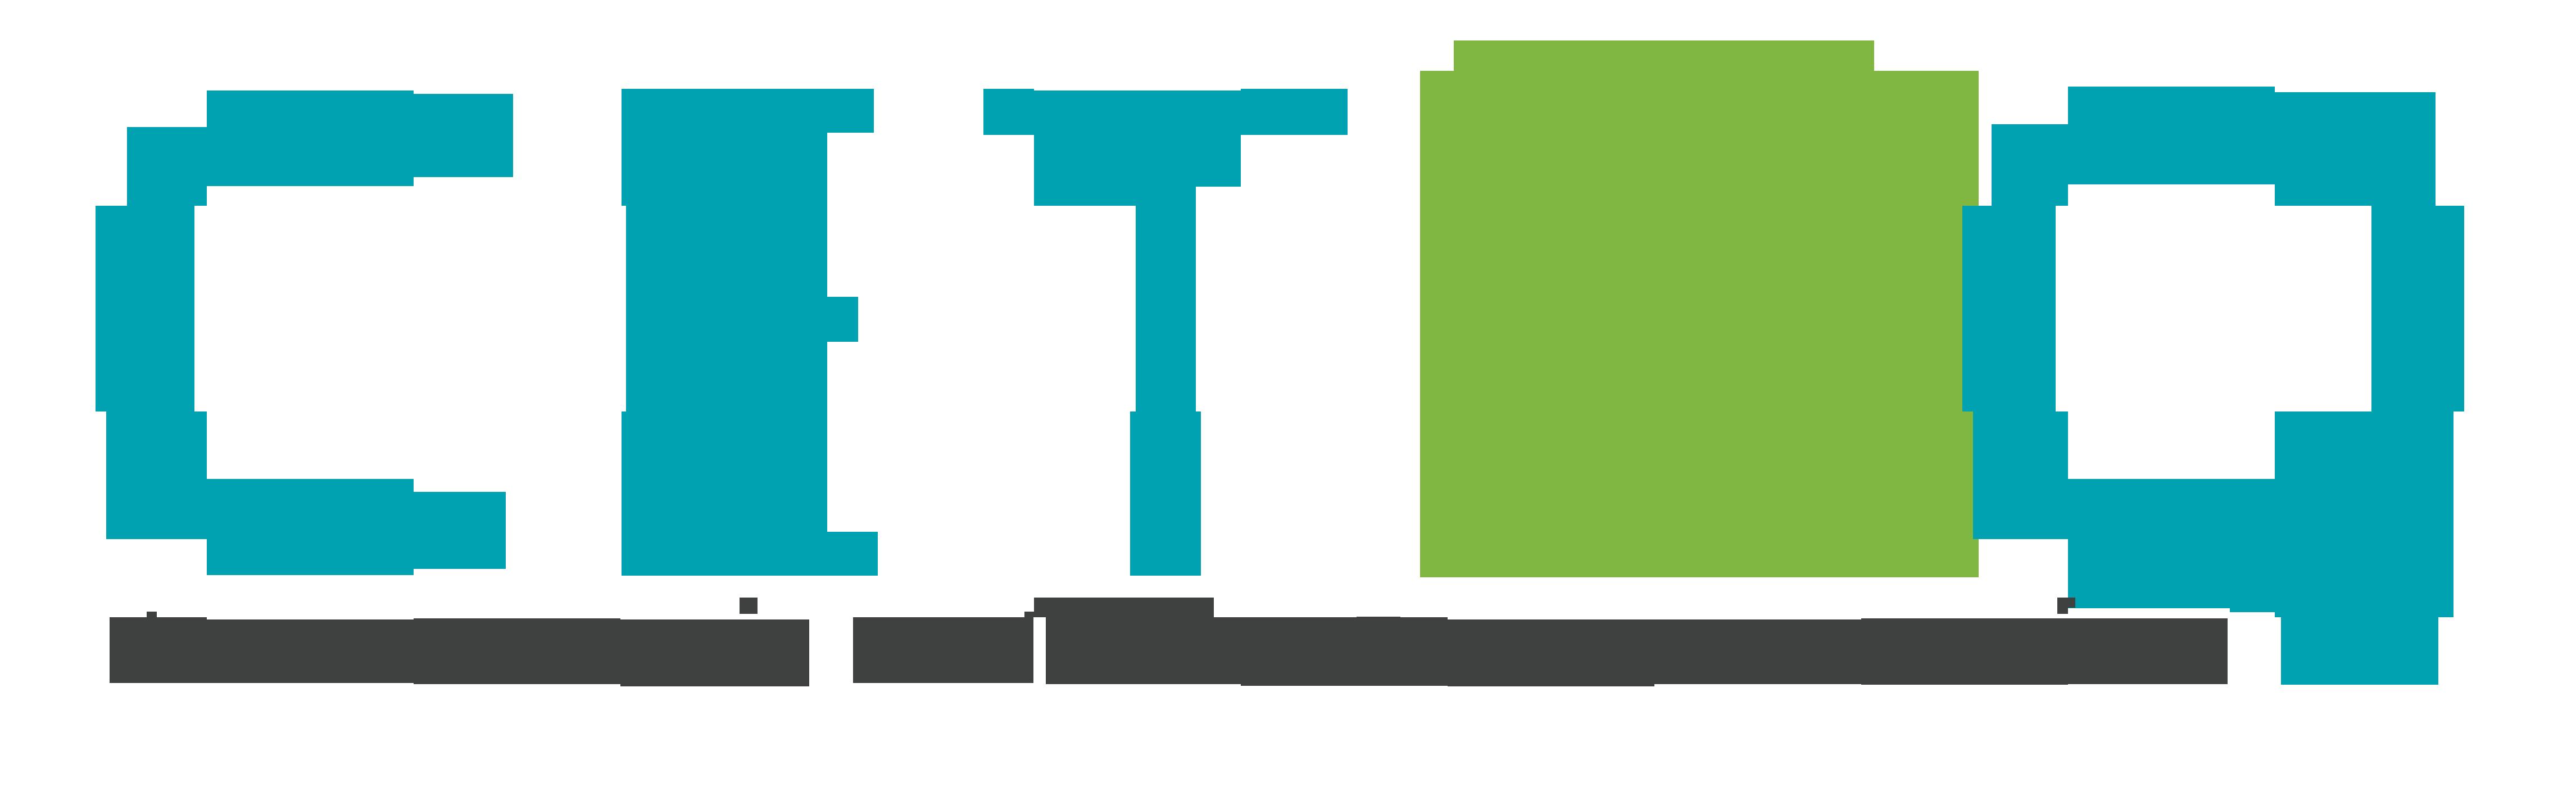 La réaction du CETEQ au budget 2019-2020 du gouvernement du Québec